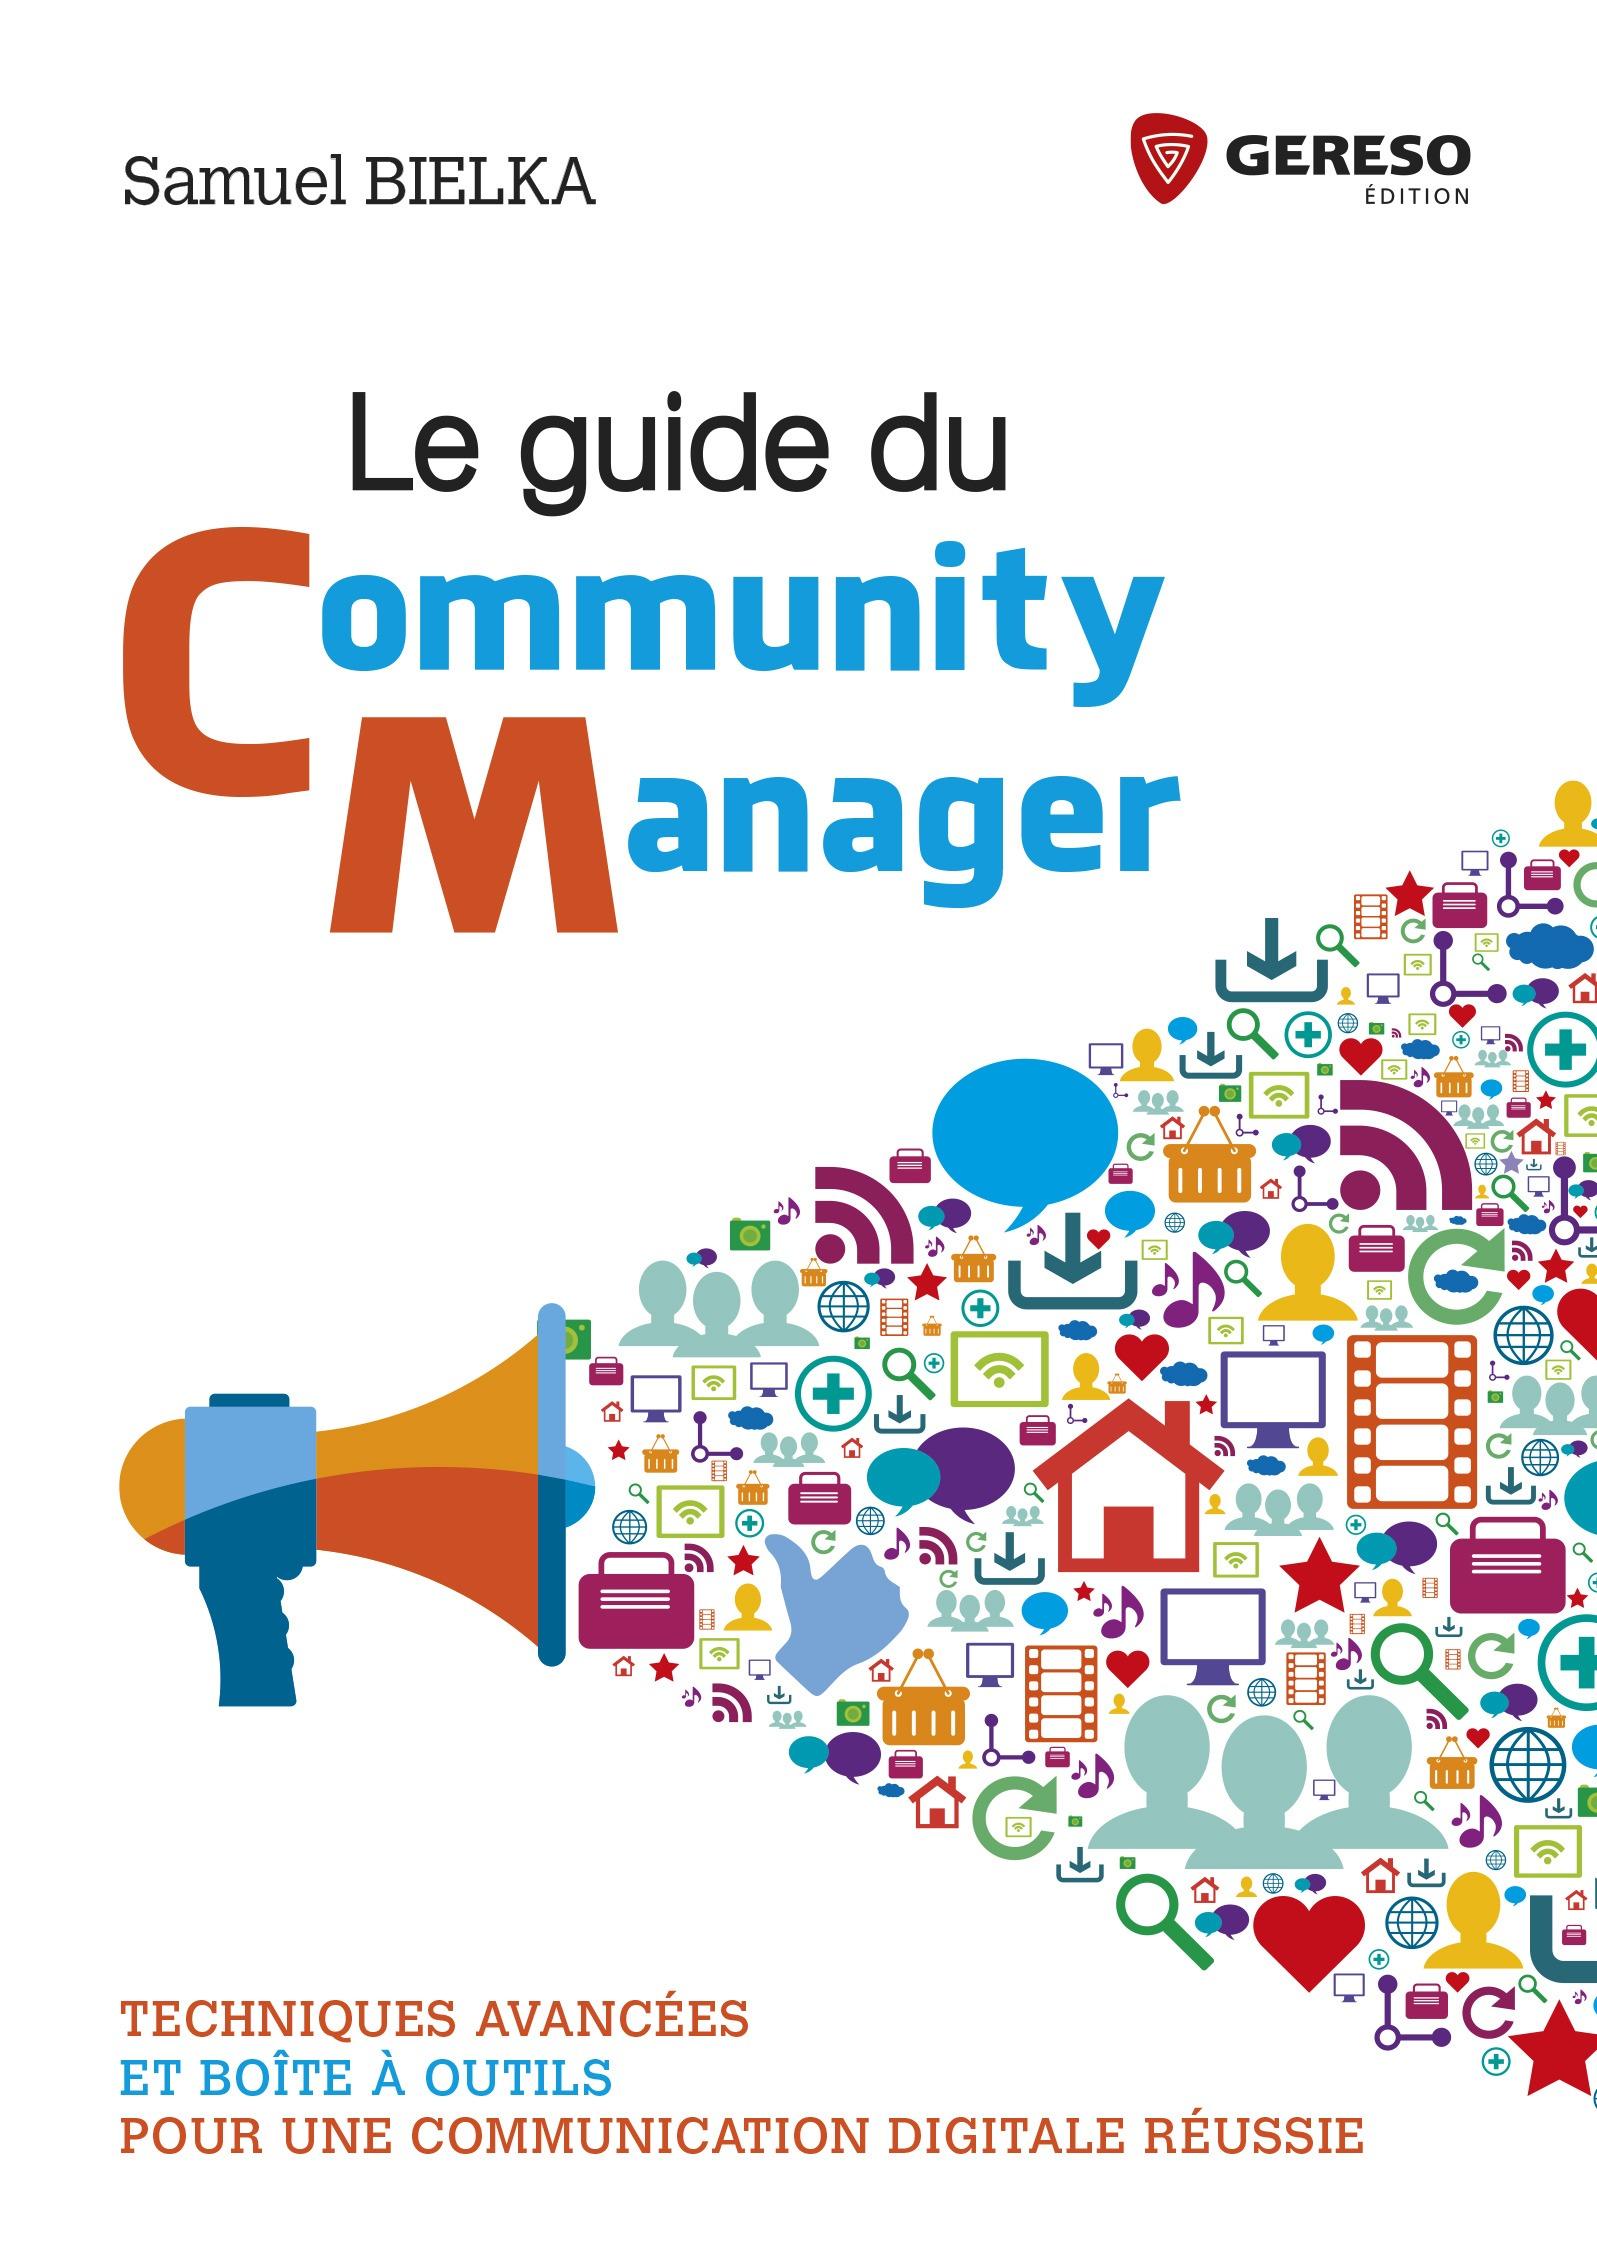 Le guide du community manager